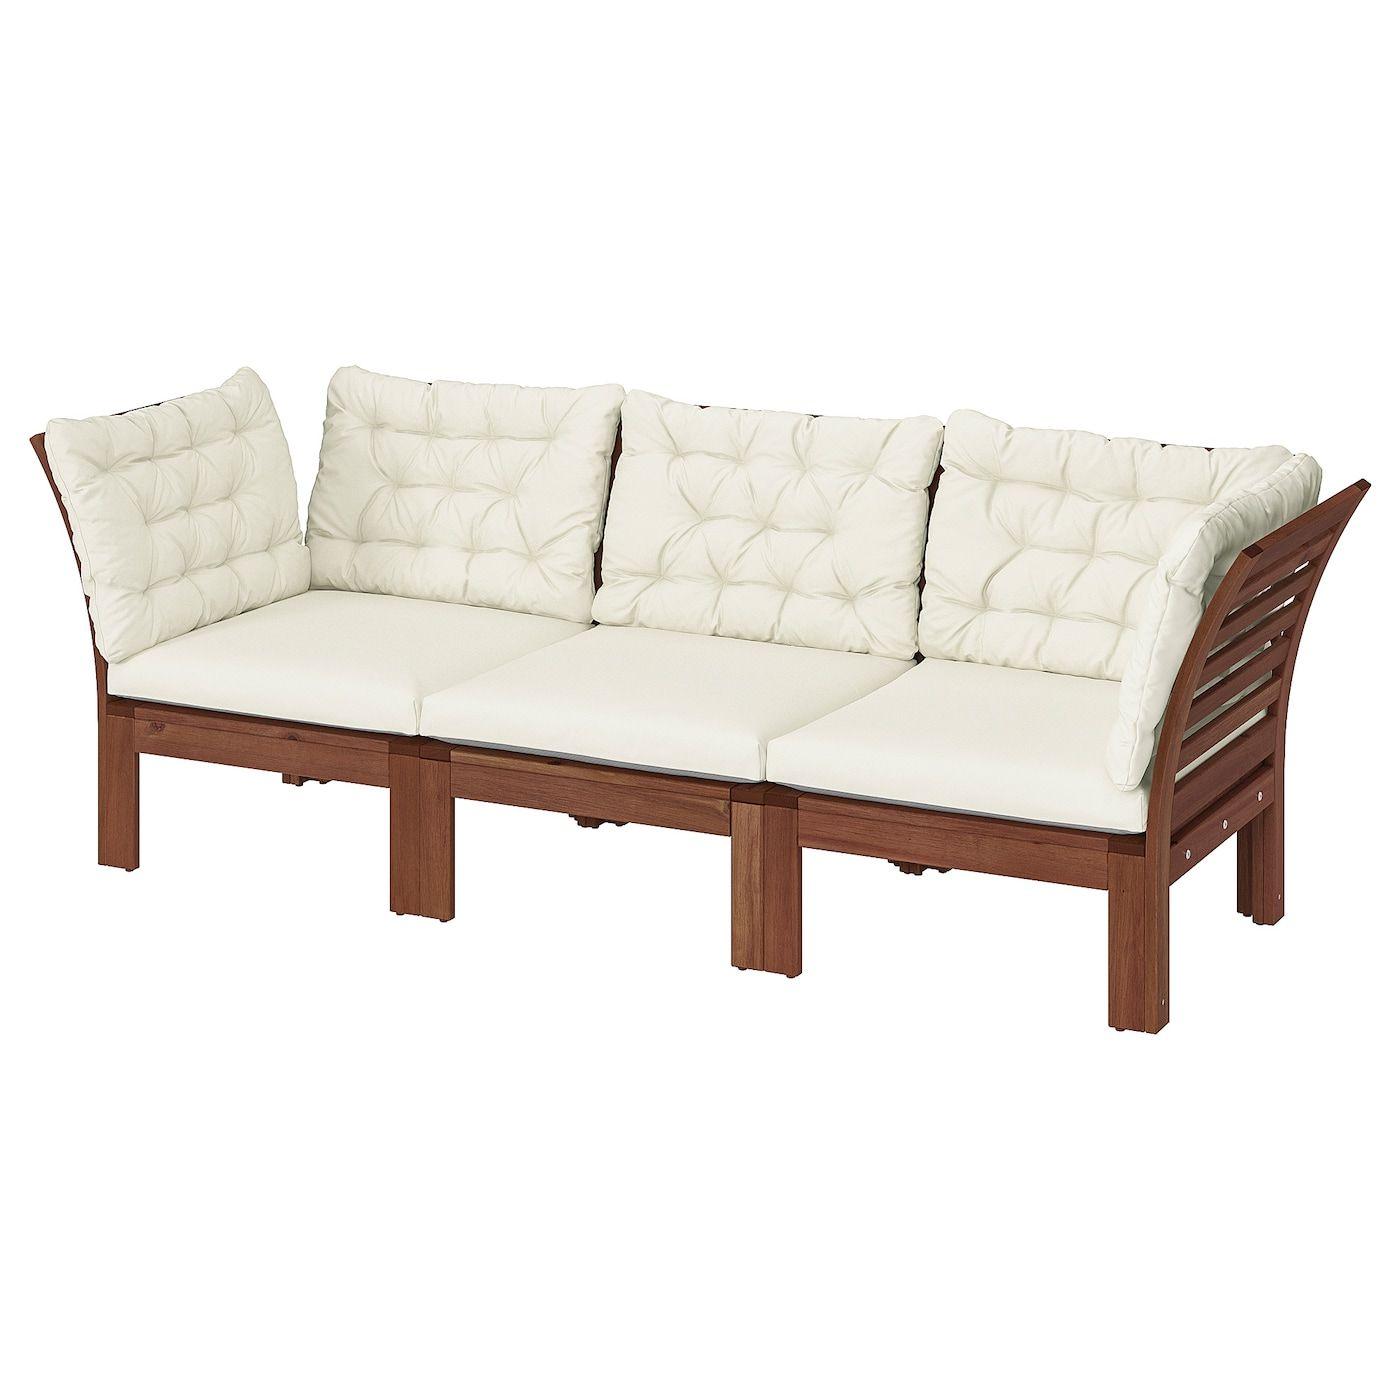 Applaro 3er Sitzelement Aussen Braun Las Kuddarna Beige Ikea Osterreich In 2020 Outdoor Lounge Furniture Modular Sofa Patio Sofa